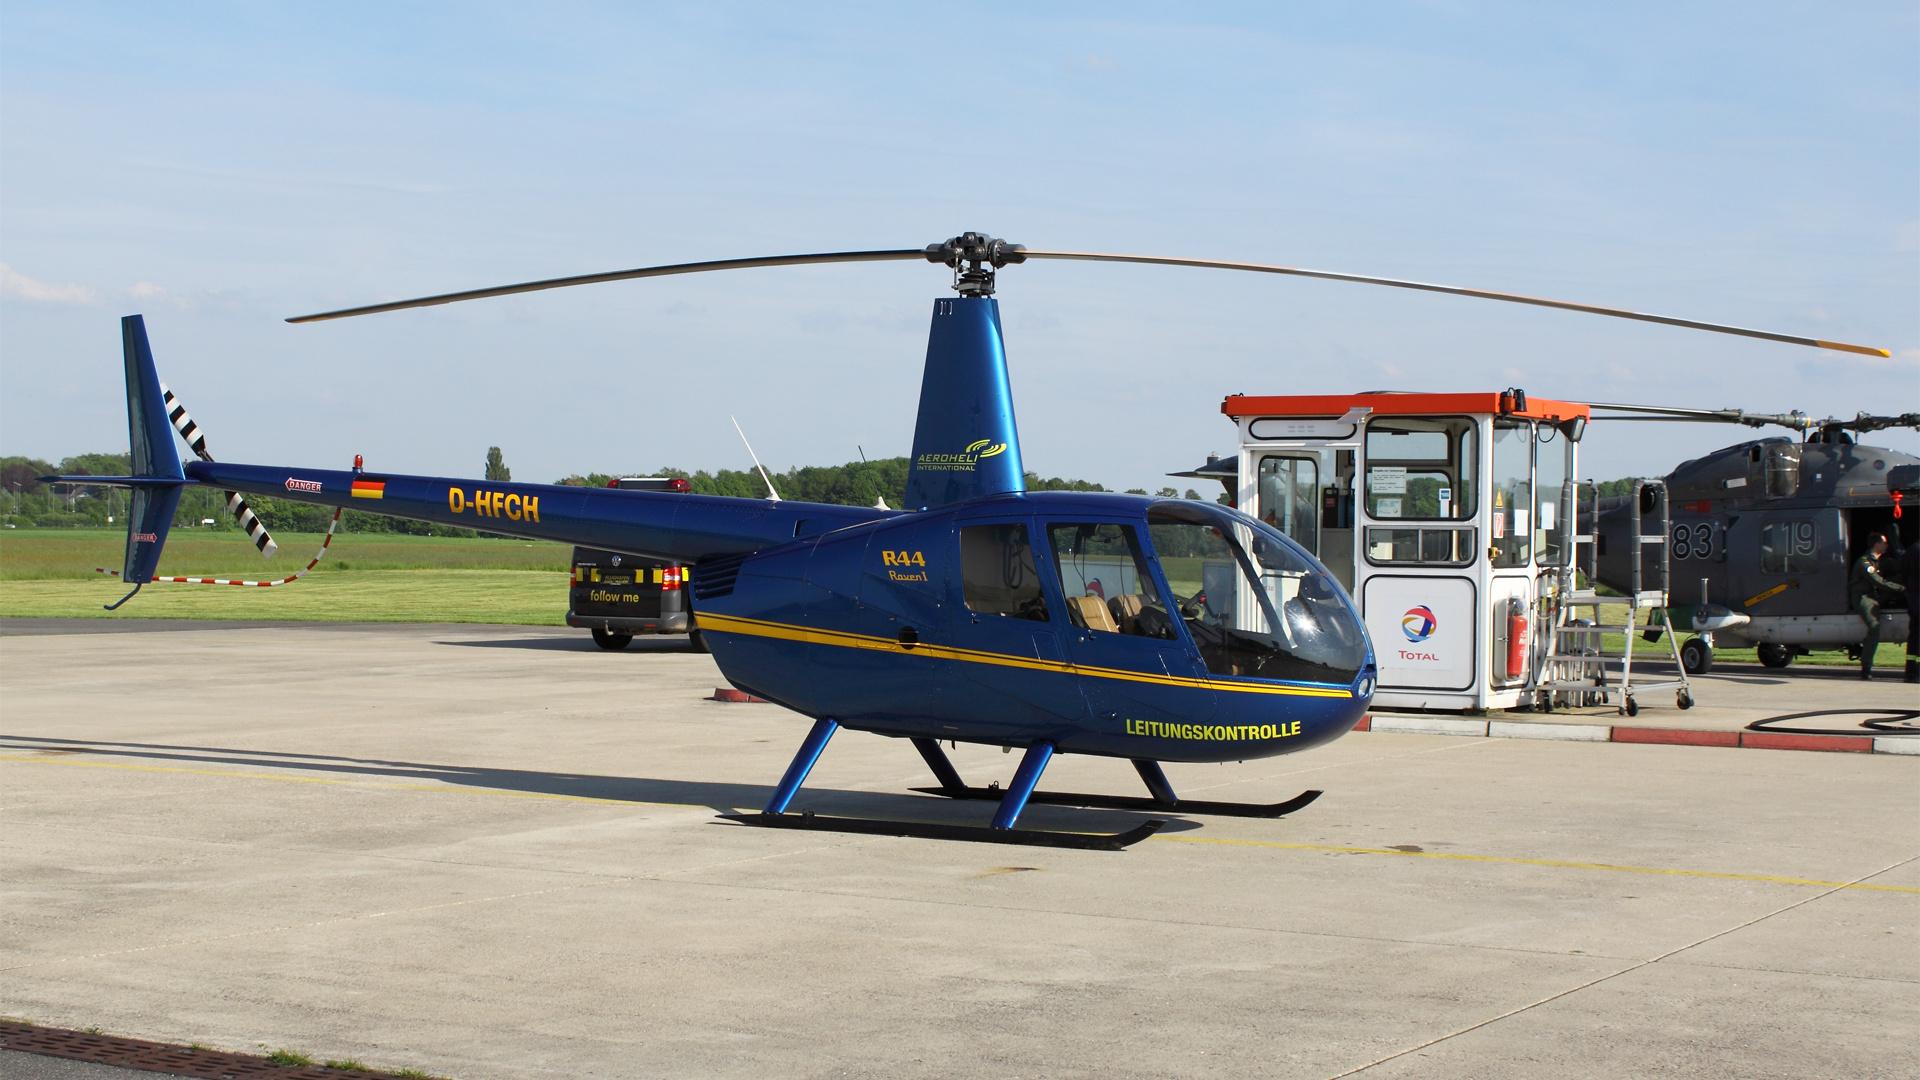 D-HFCH-1 R44 ESS201205